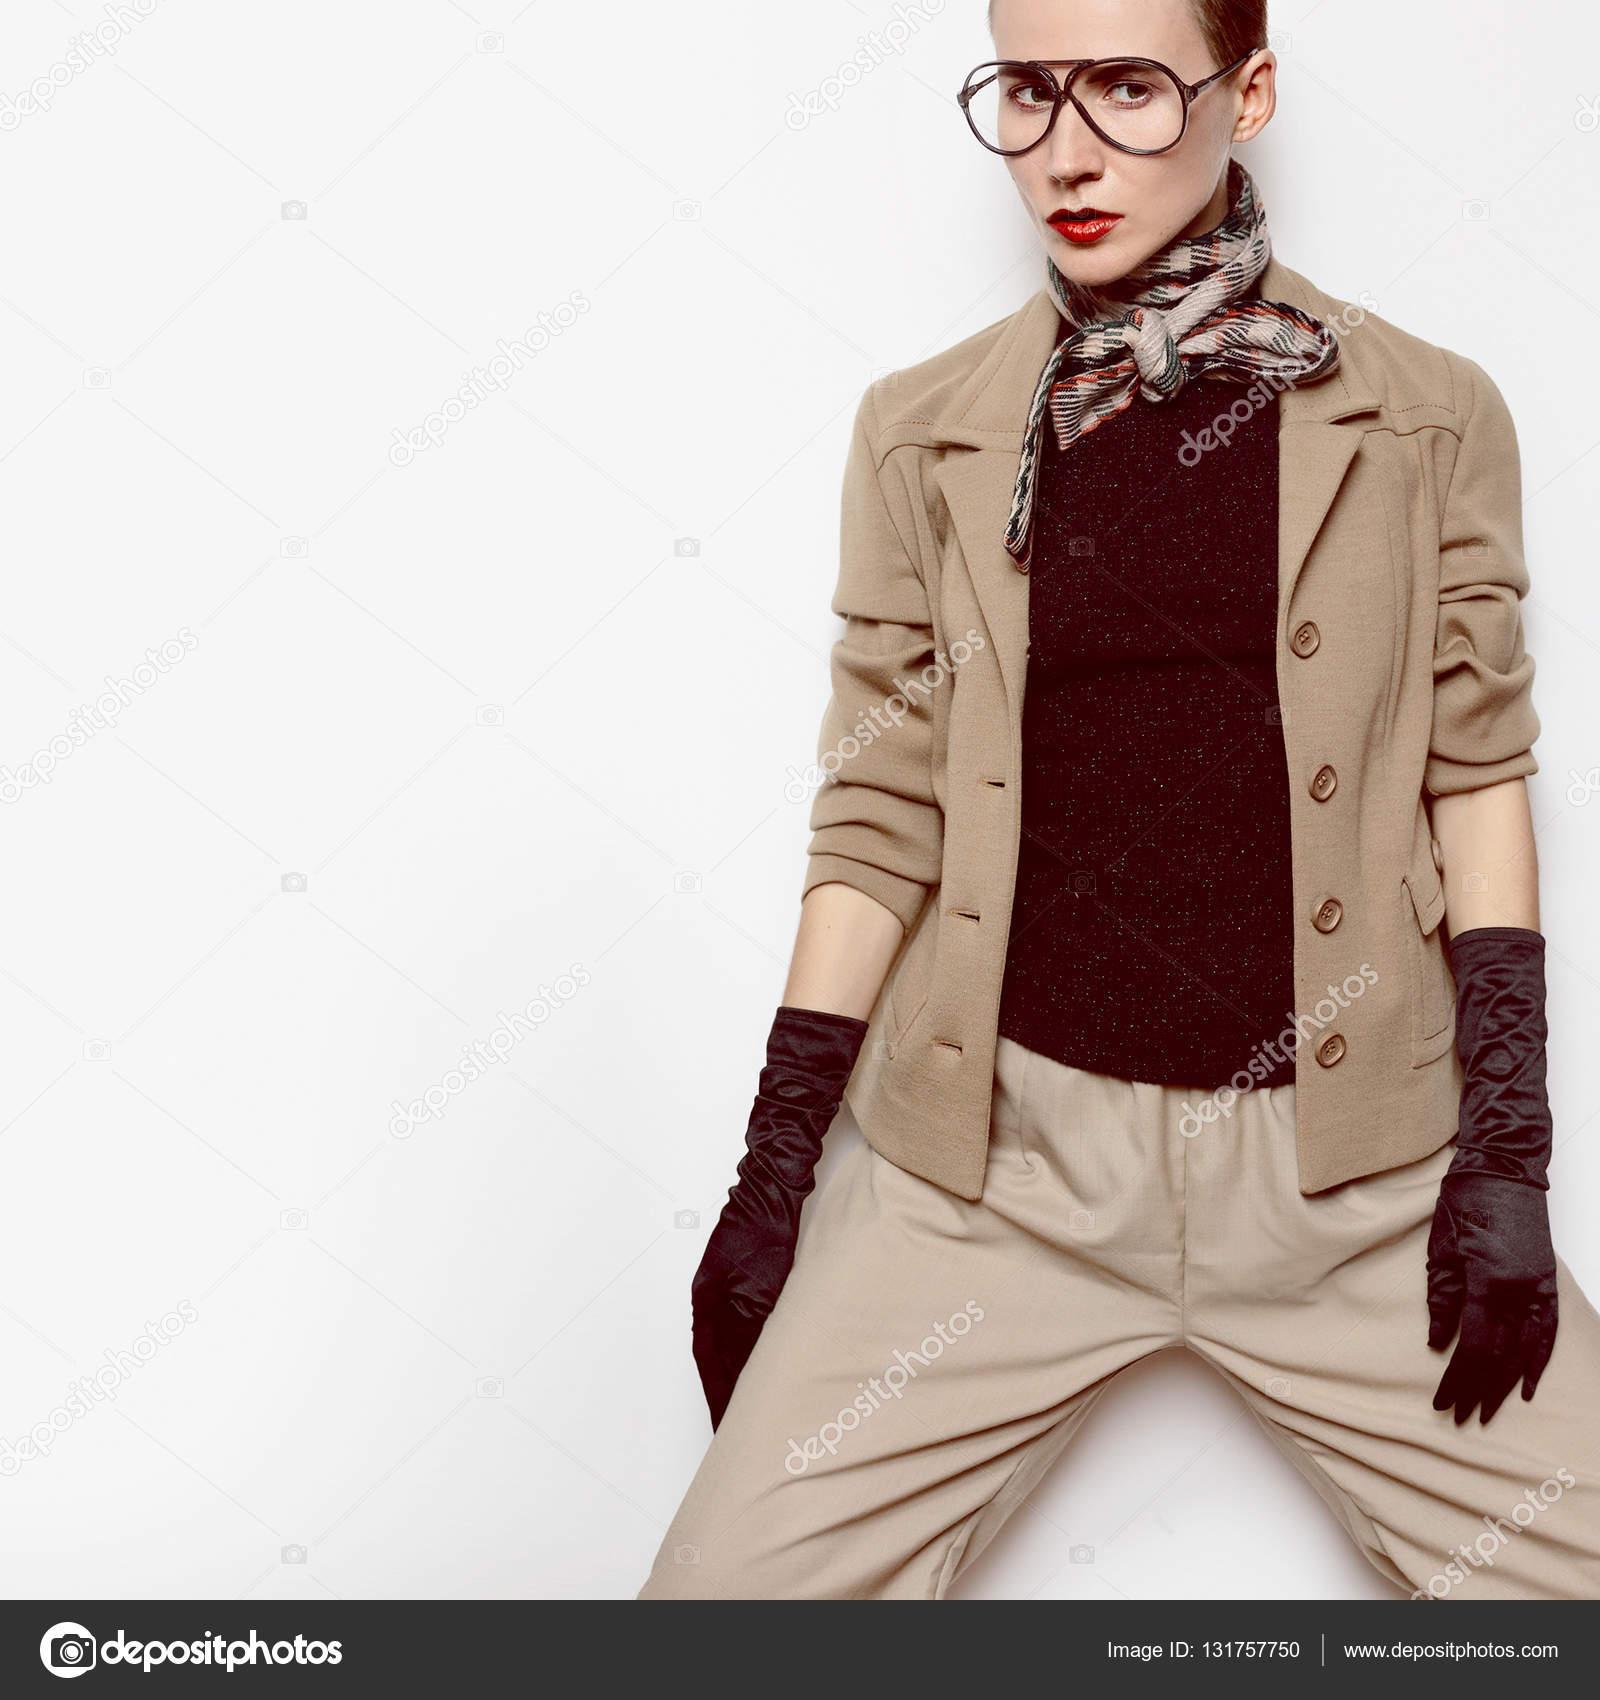 Vintage Mode Frau Beige klassischen Anzug und stilvolle ...